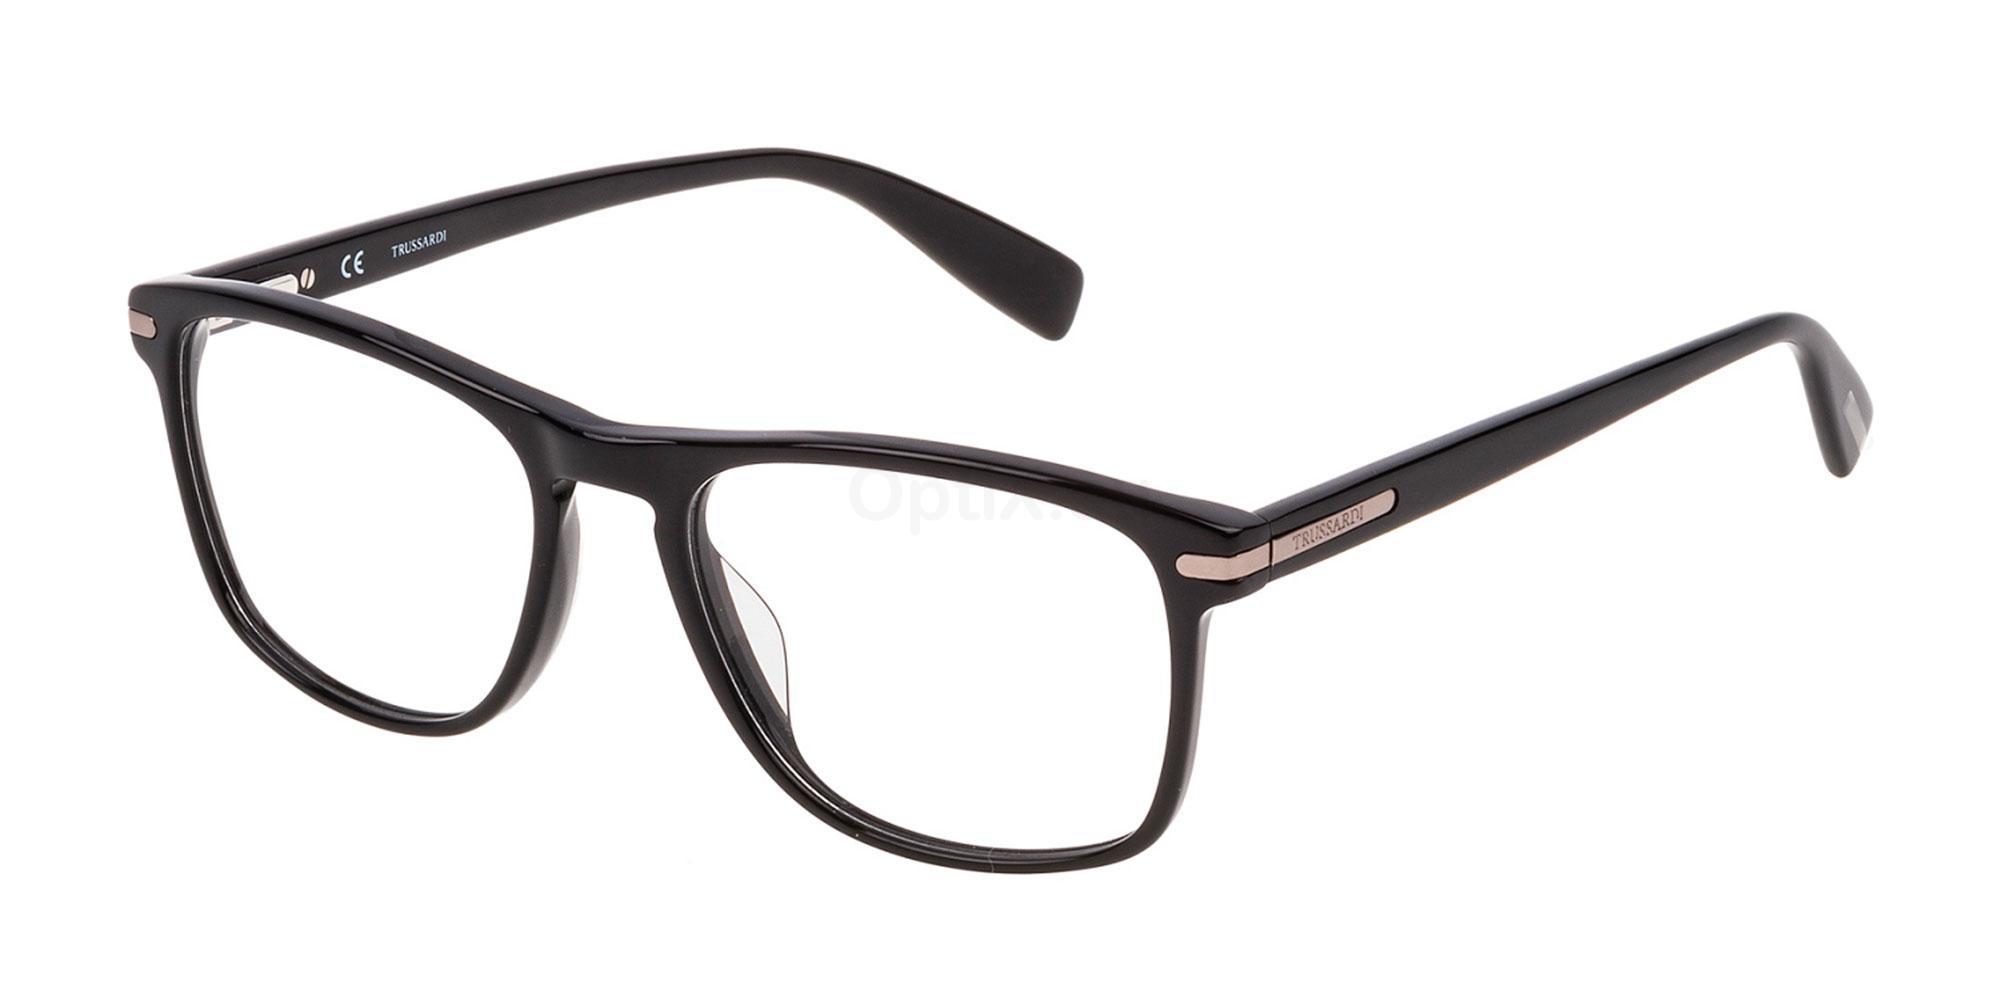 0700 VTR045N Glasses, Trussardi